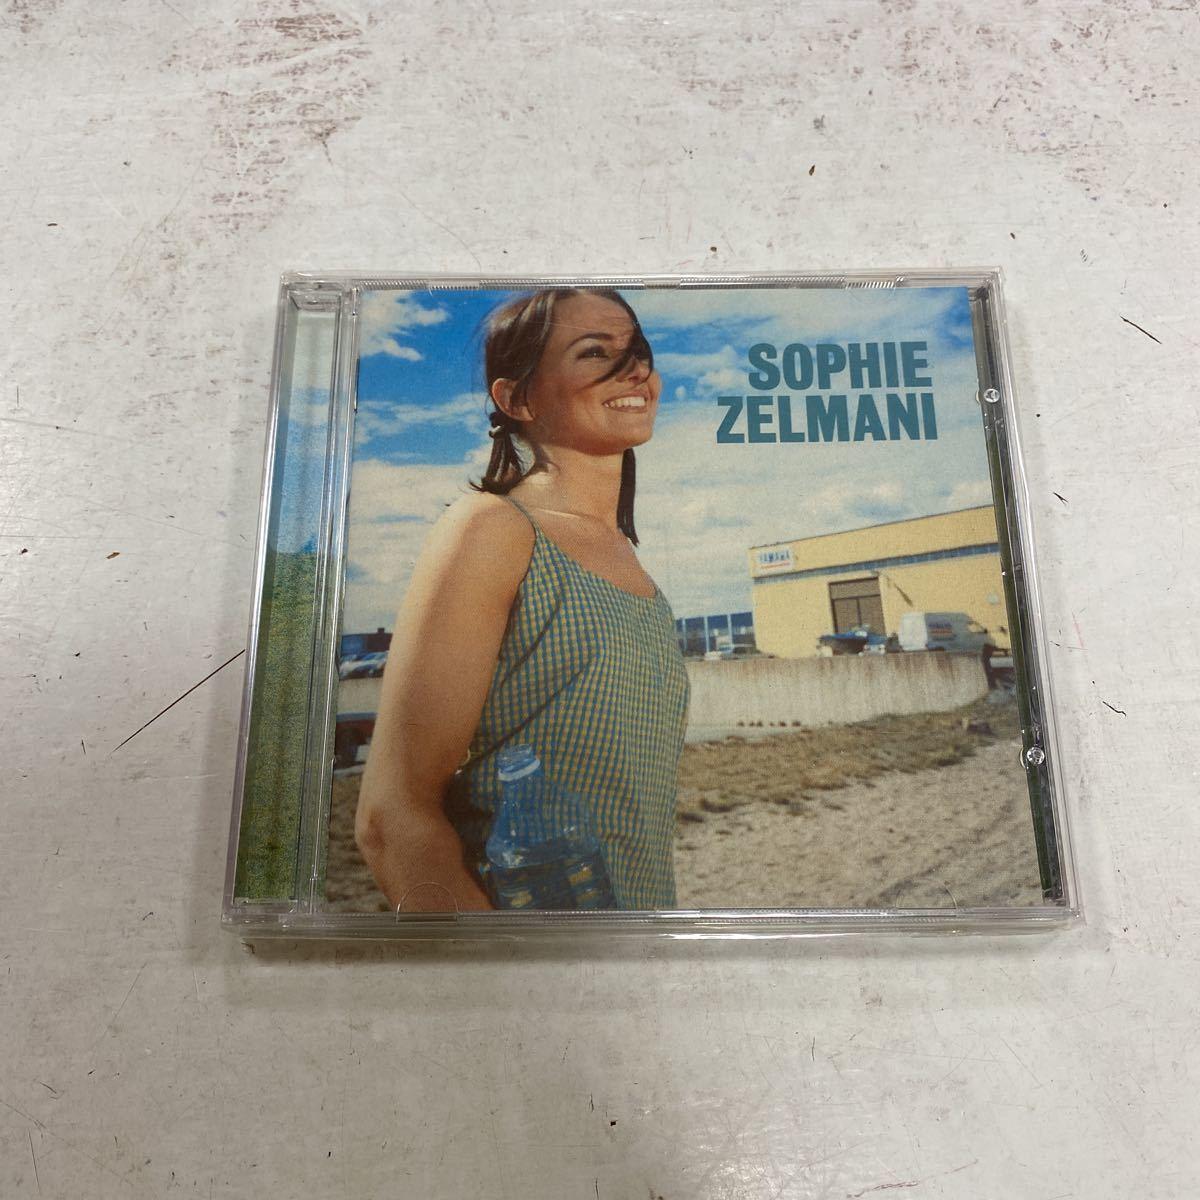 未開封新品 デッドストック 倉庫保管品 CD 輸入盤 SOPHIE ZELMANI EPC-4809552 ソフィー・セルマーニ_画像1